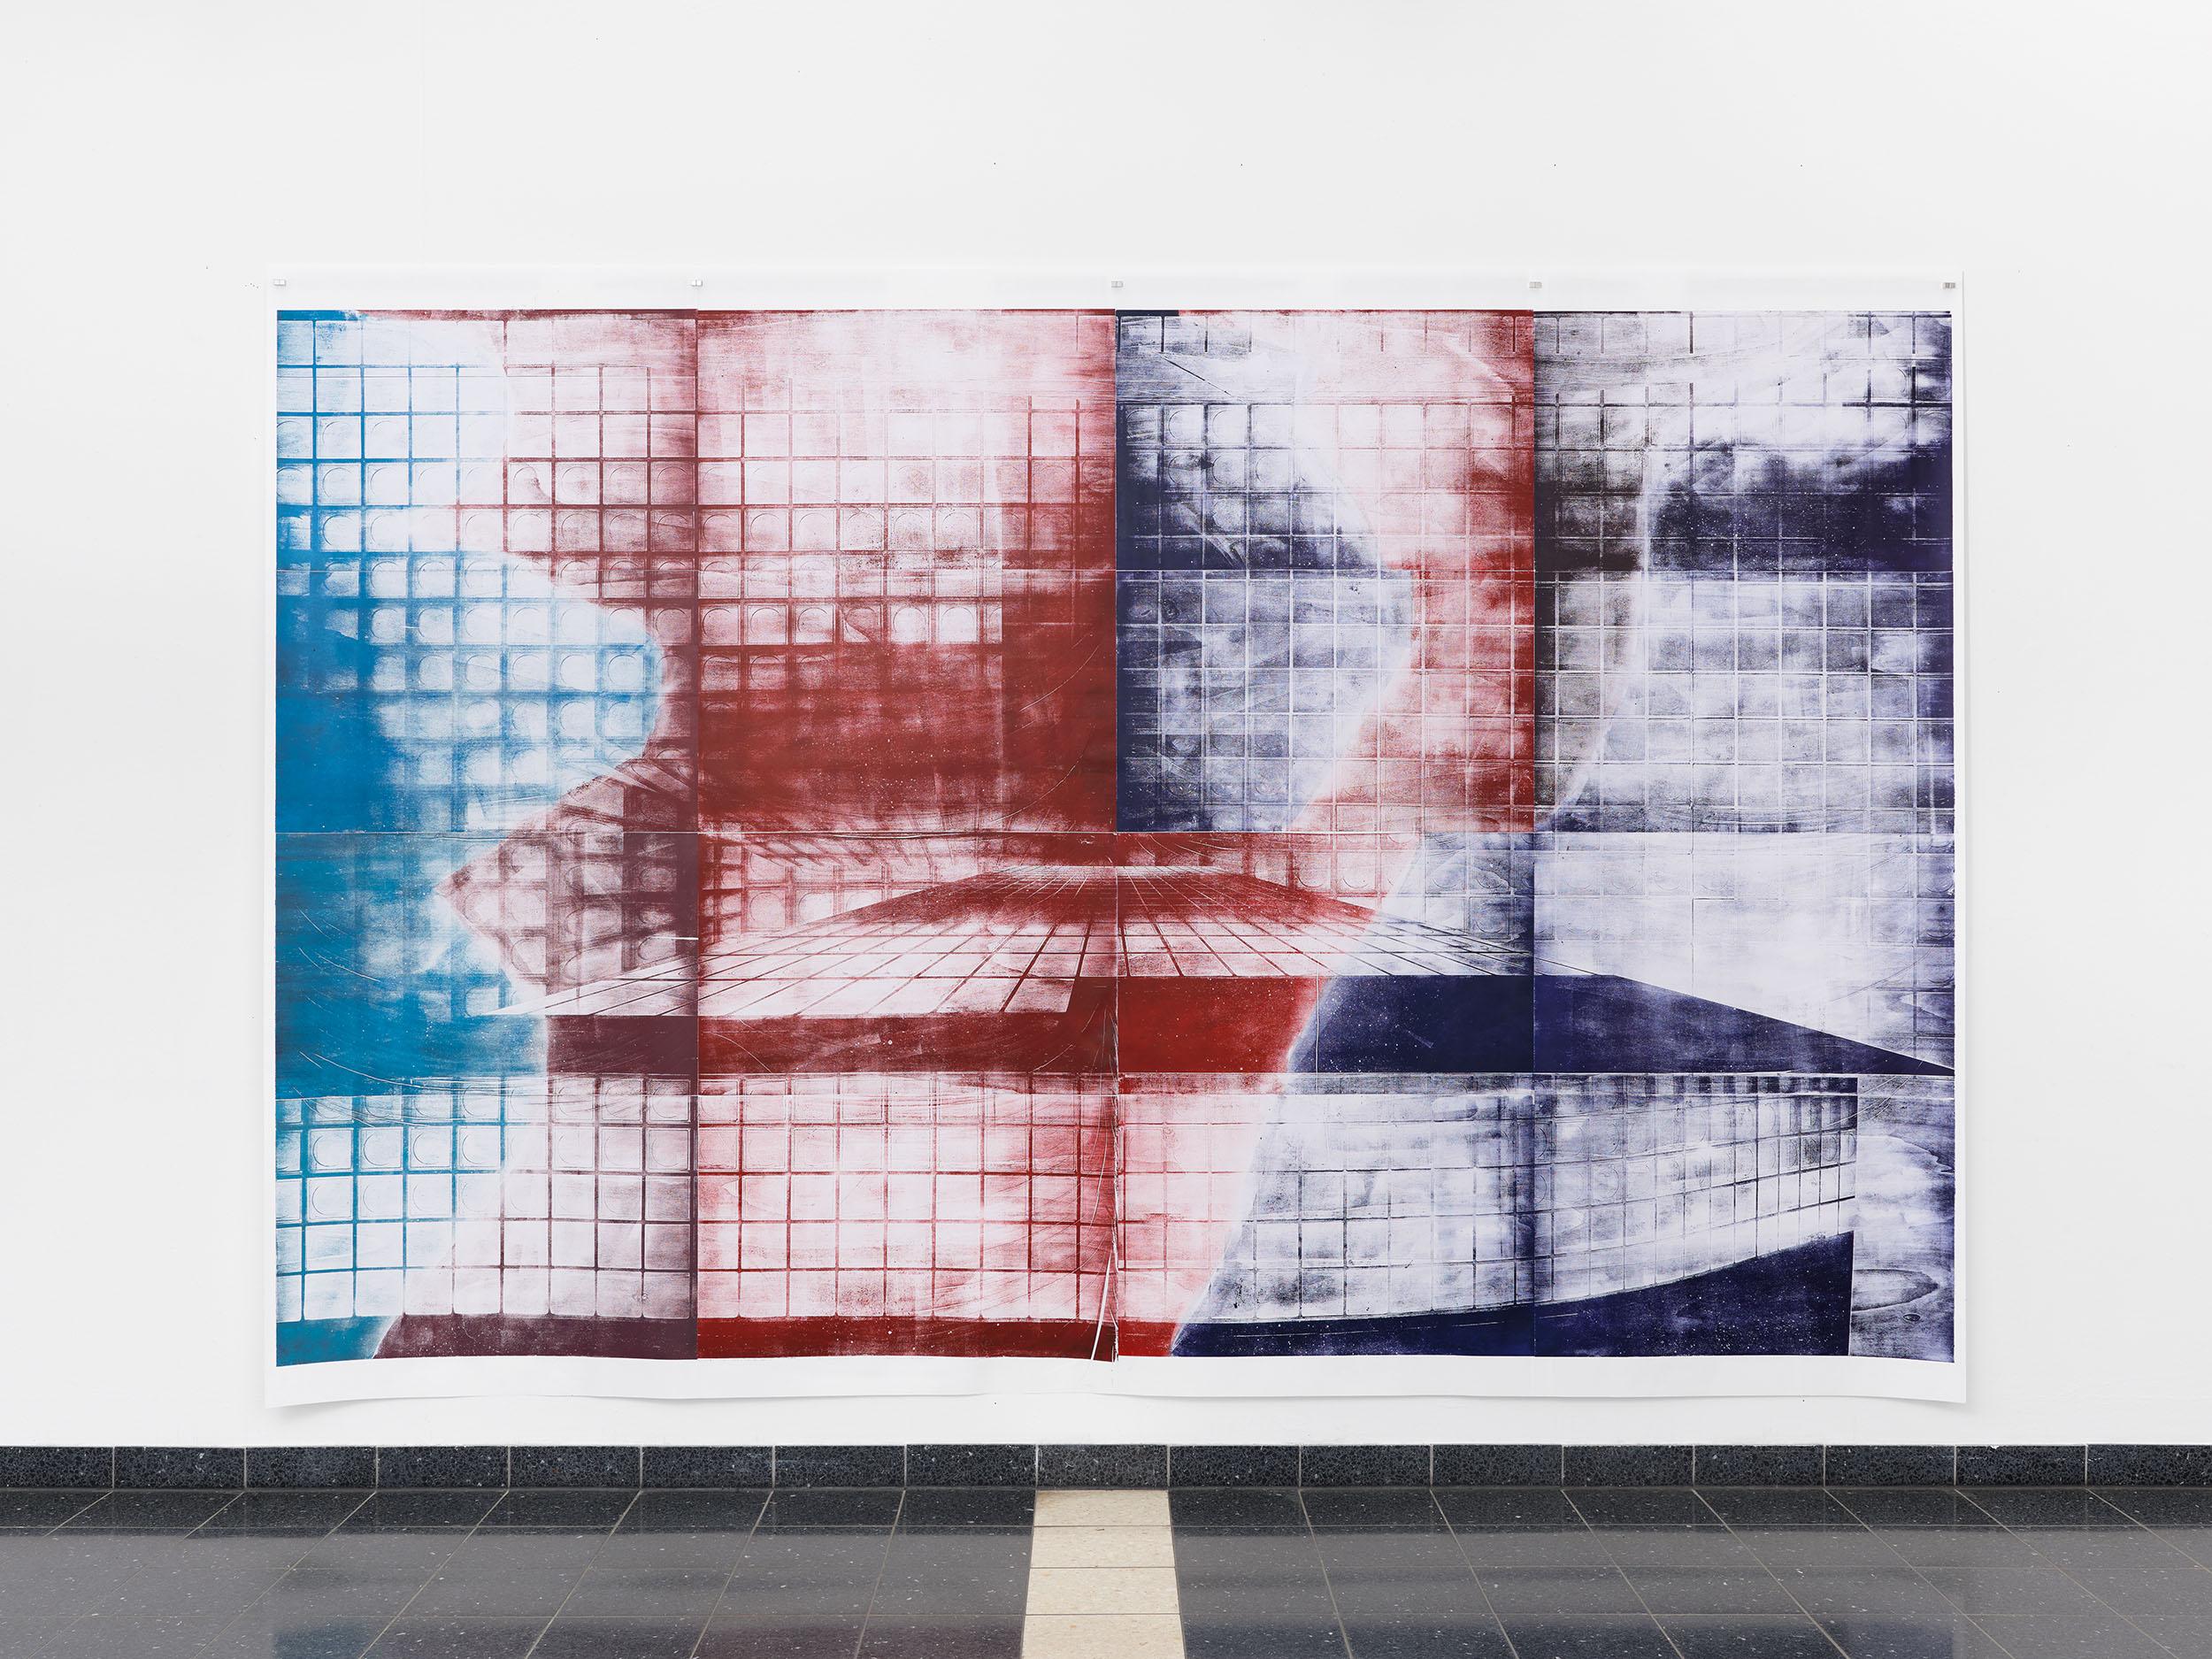 Installation view: Size, Kunsthalle Darmstadt, 2021